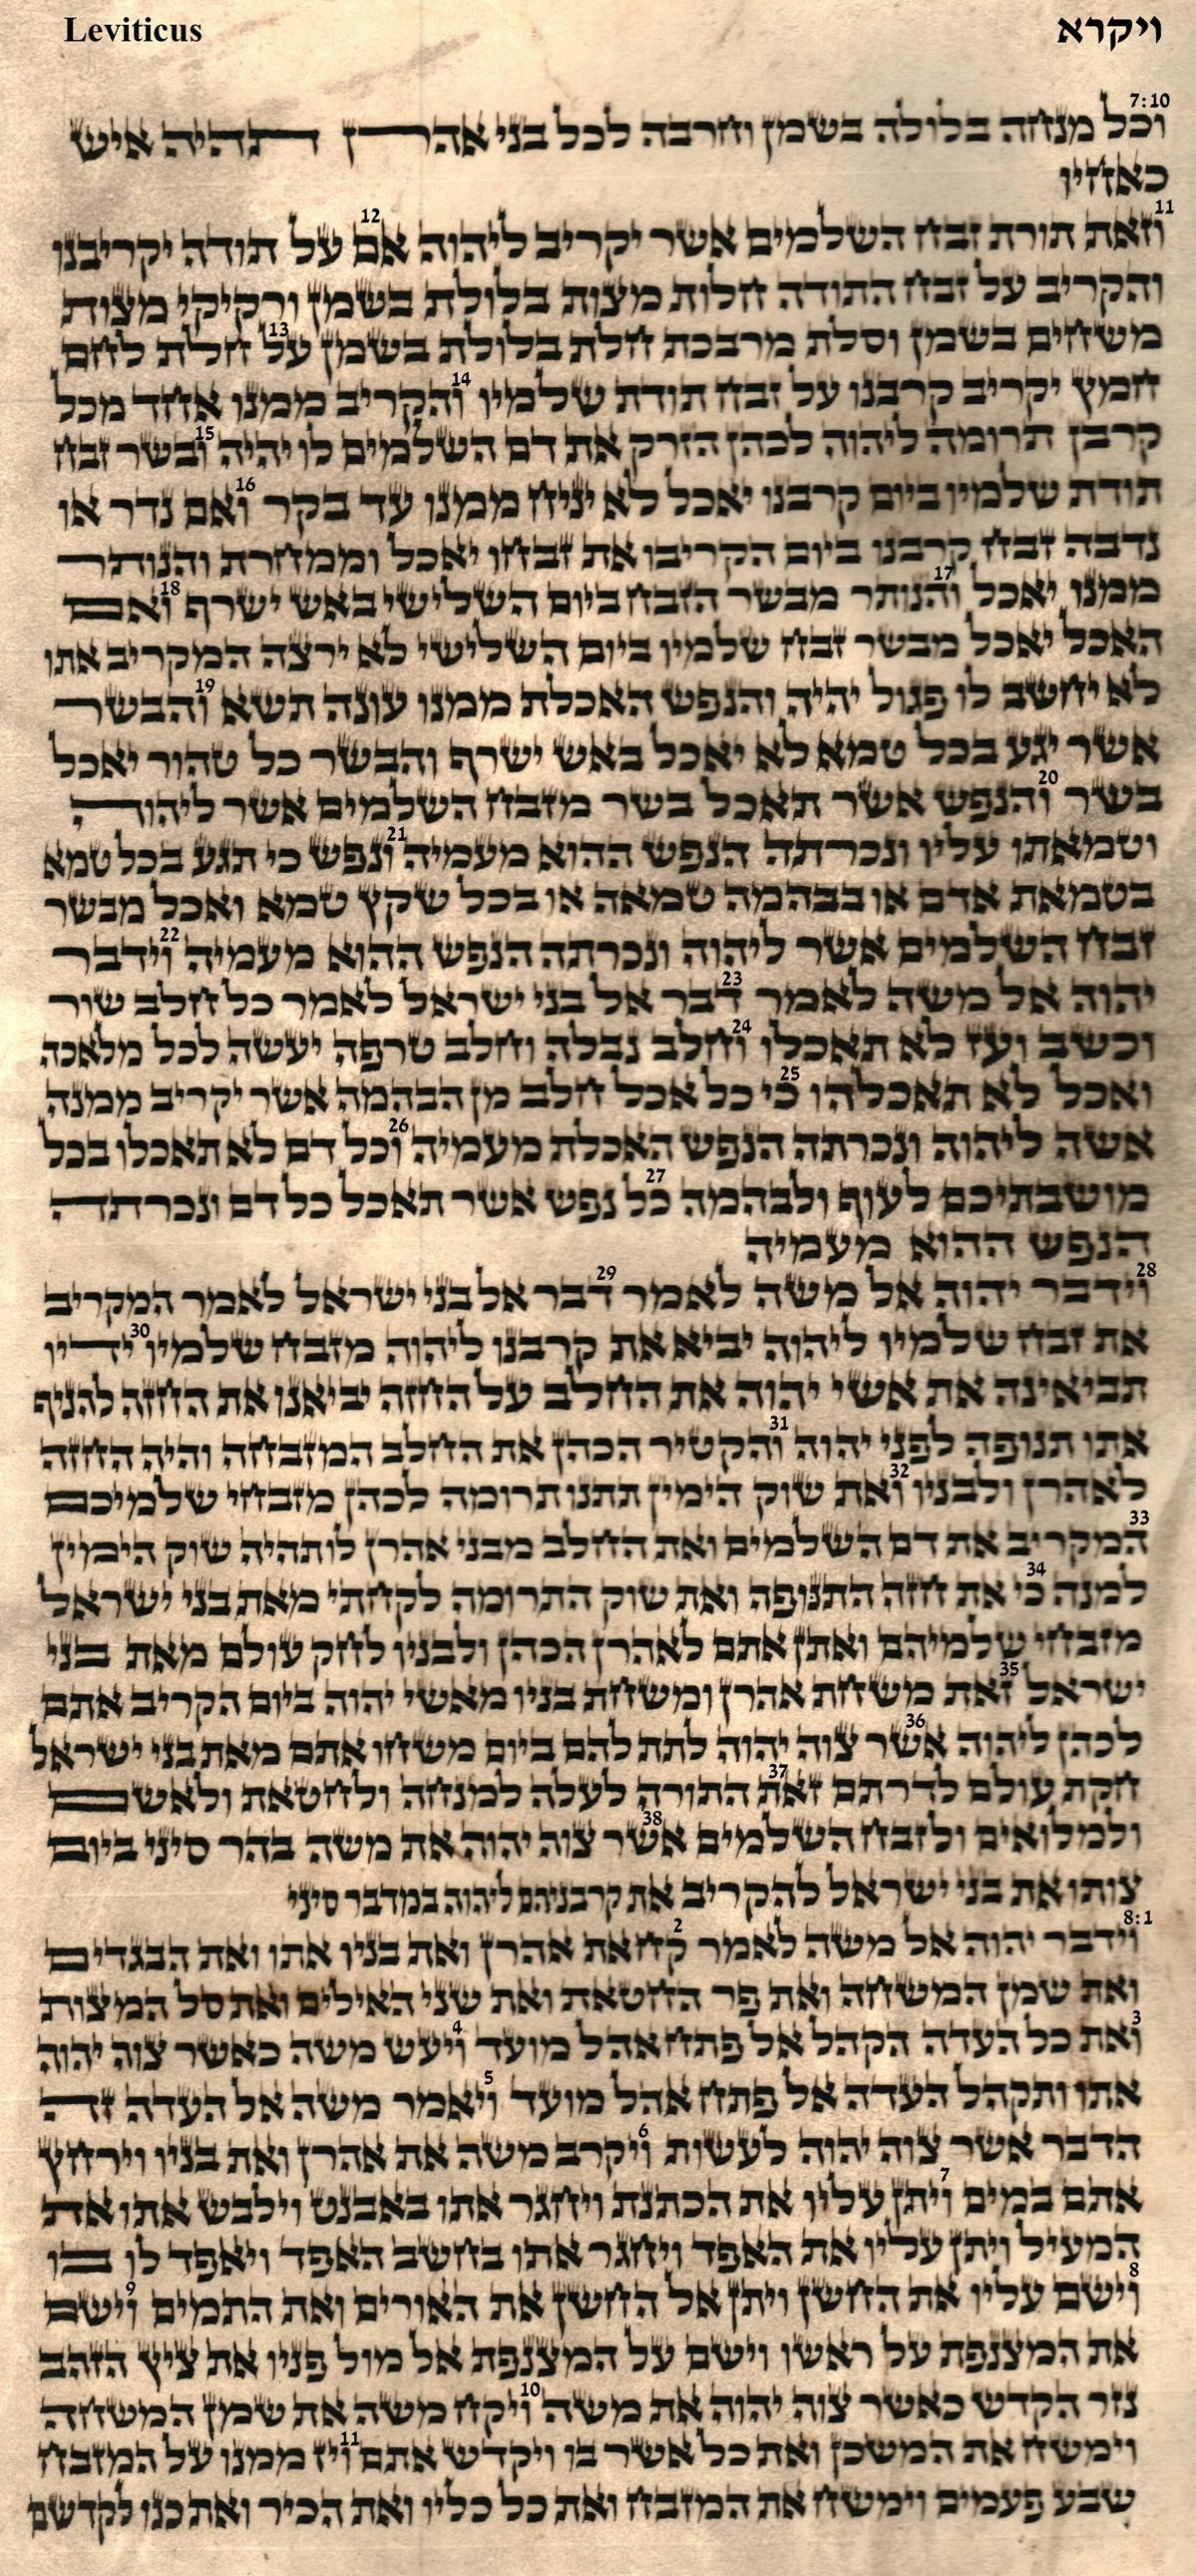 Leviticus 7.10 - 8.11